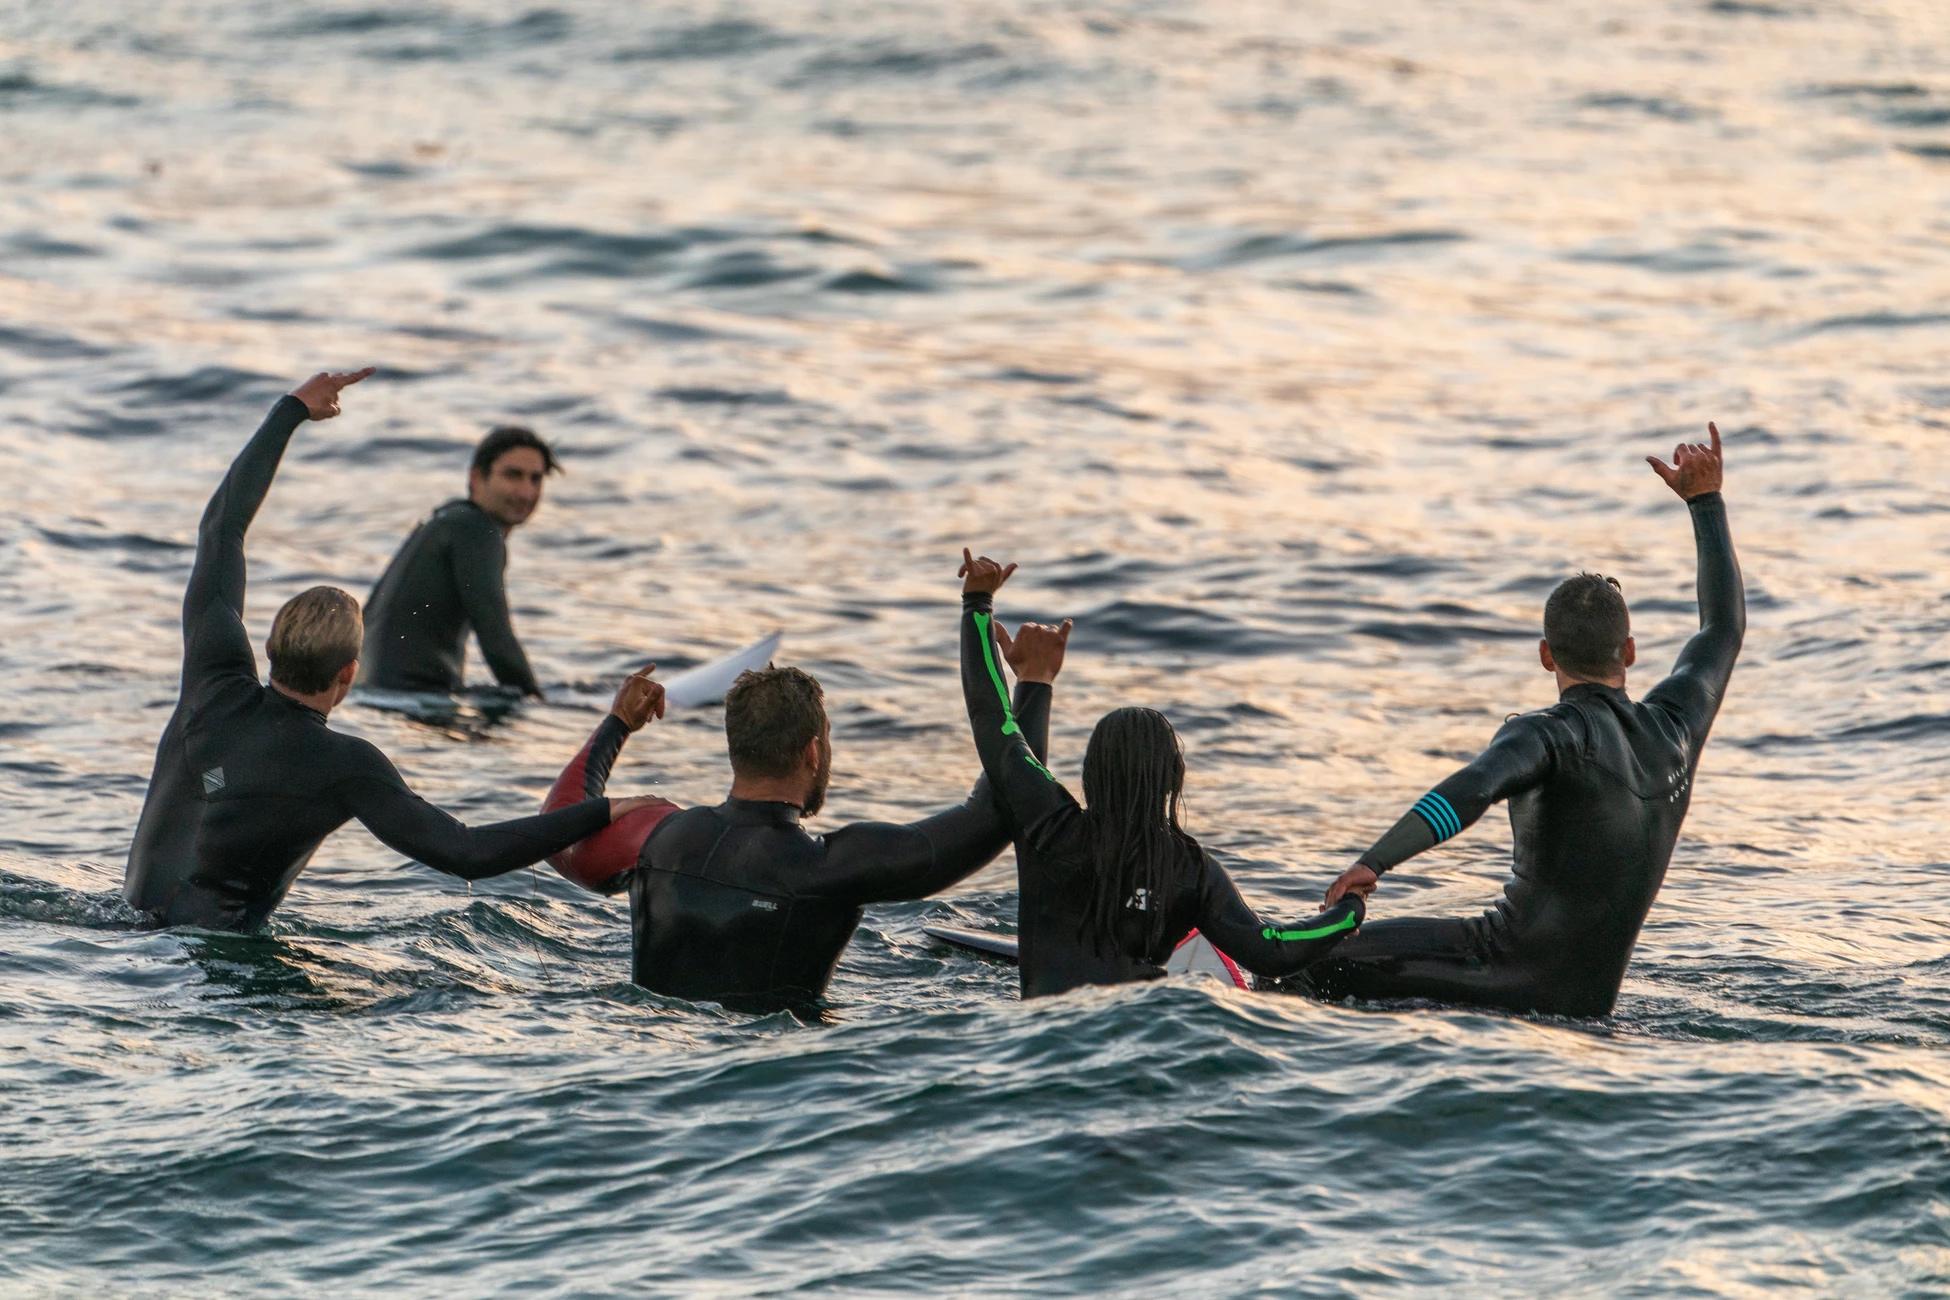 冲浪可以让人身心愉悦和开心,解放身心